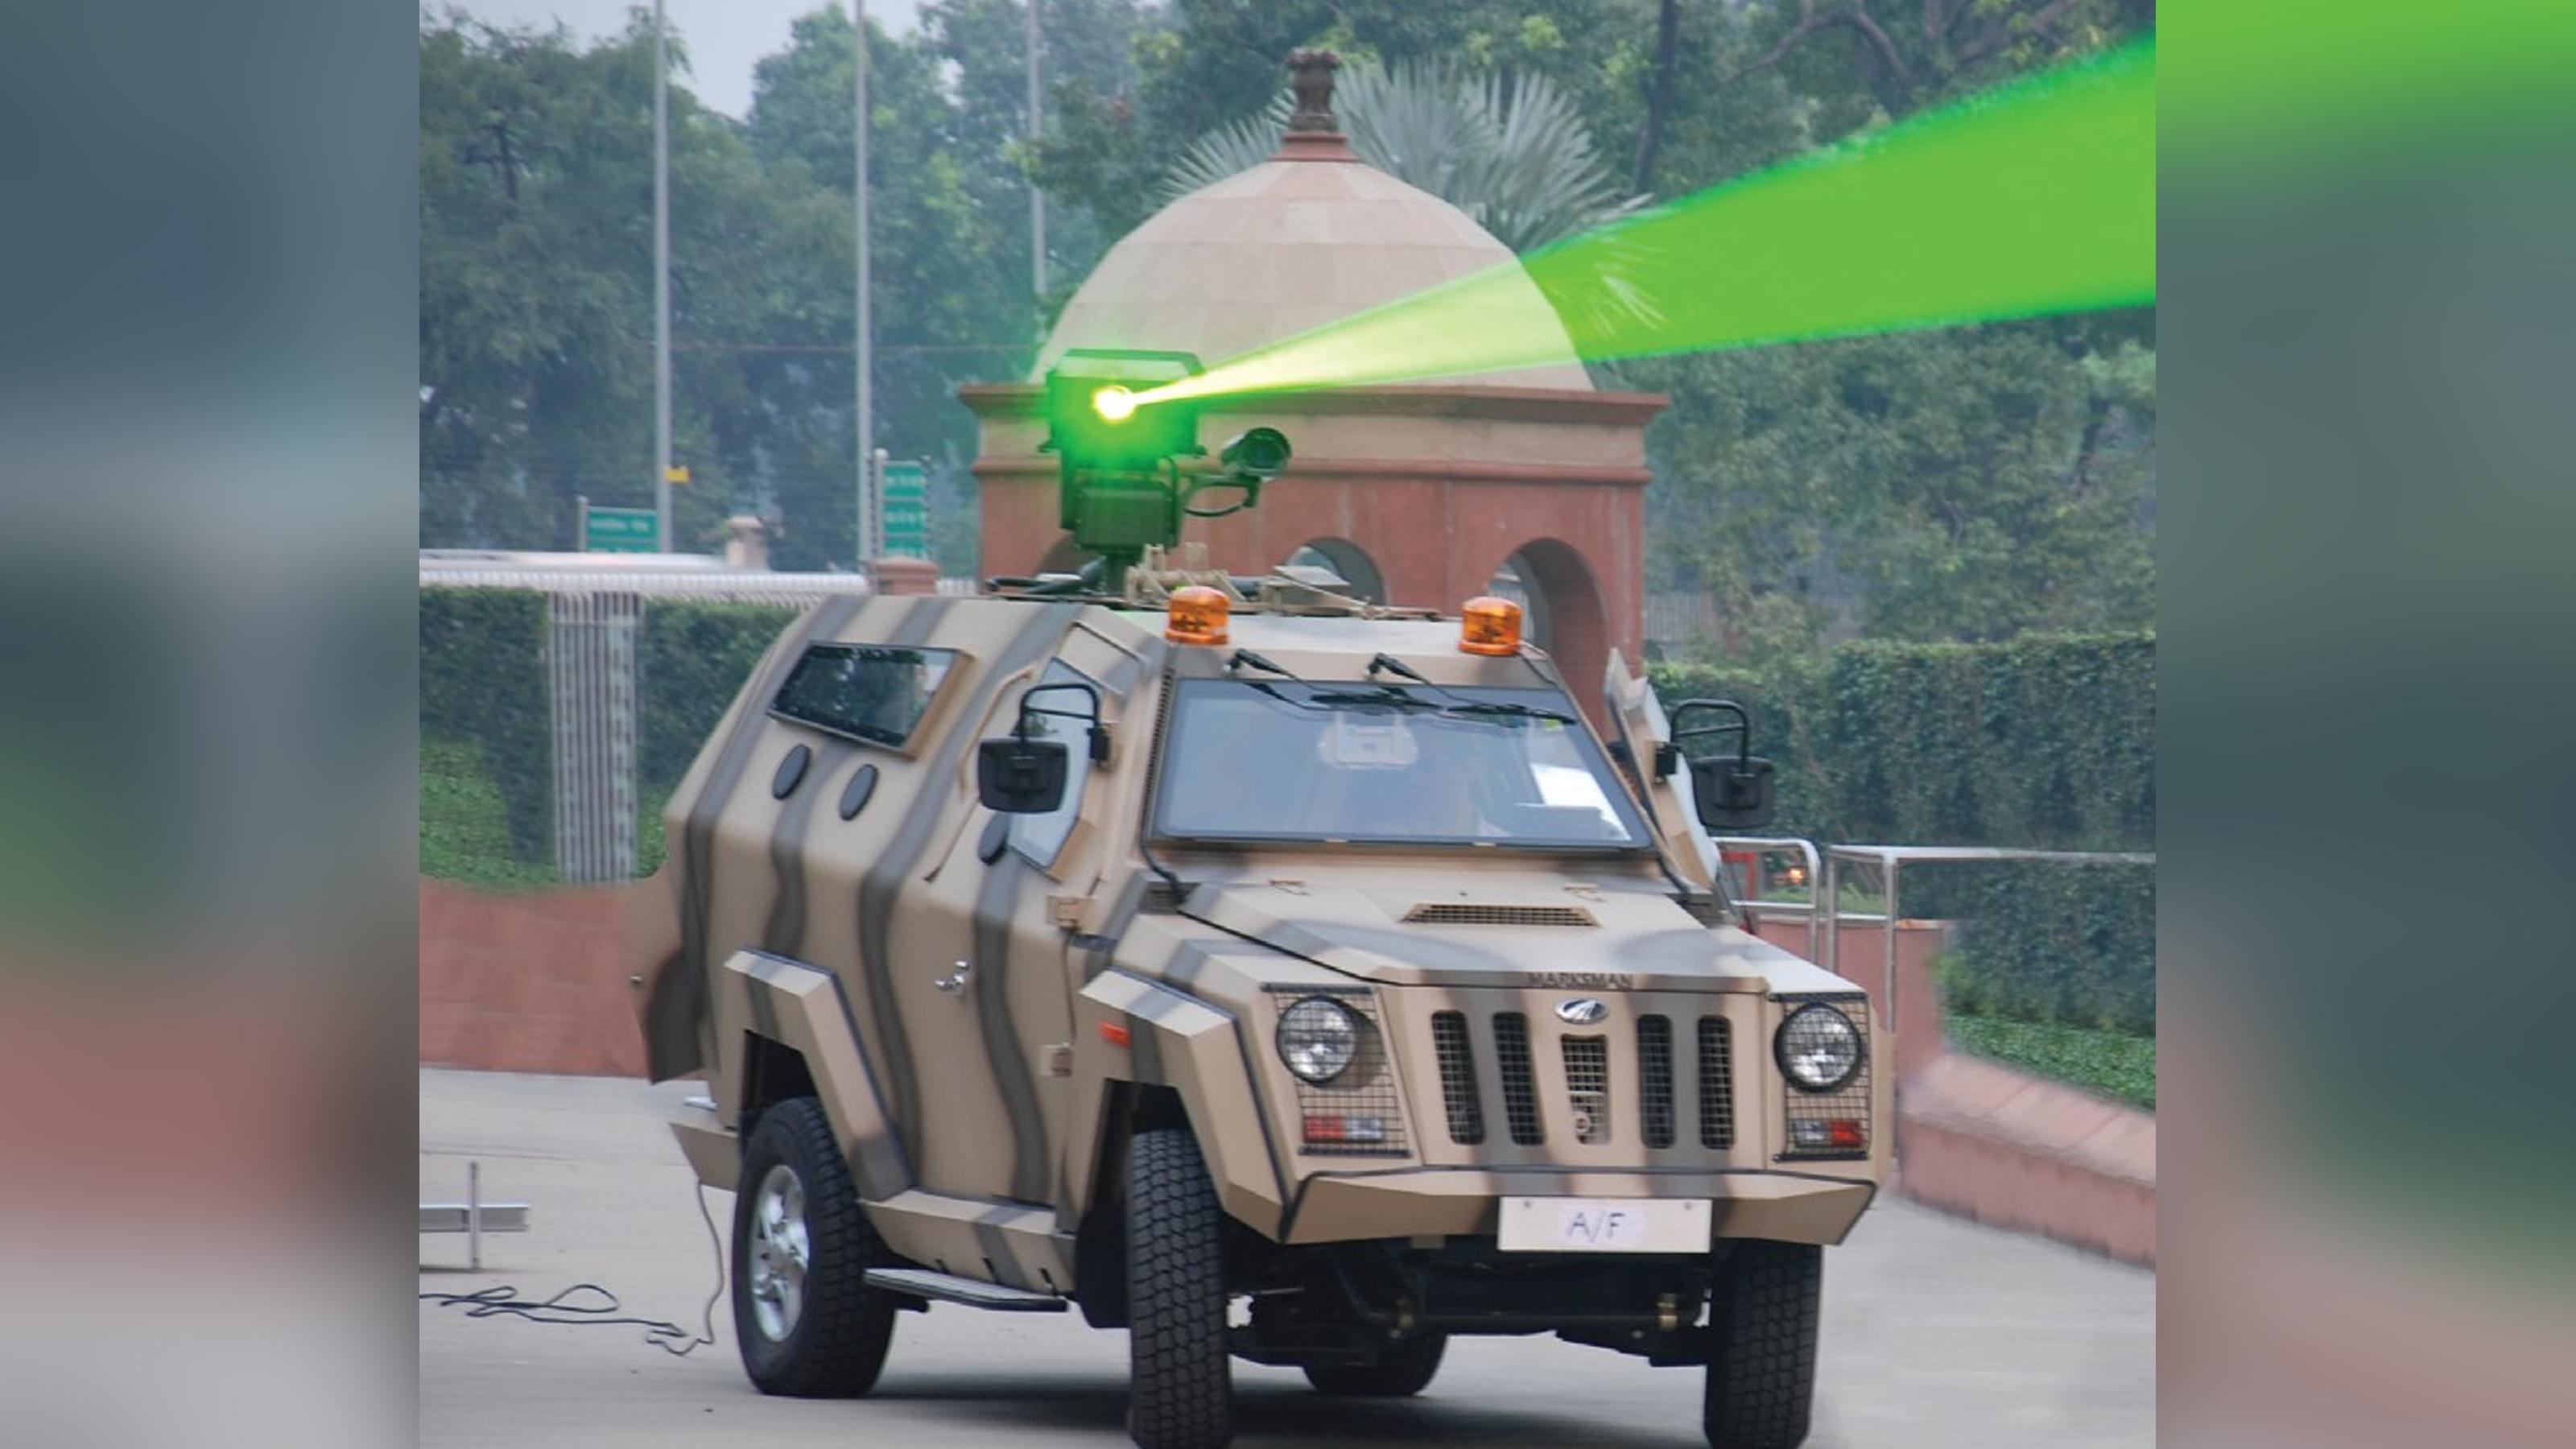 印度成功造出2种激光武器?与美国和以色列联手,首先打越境无人机